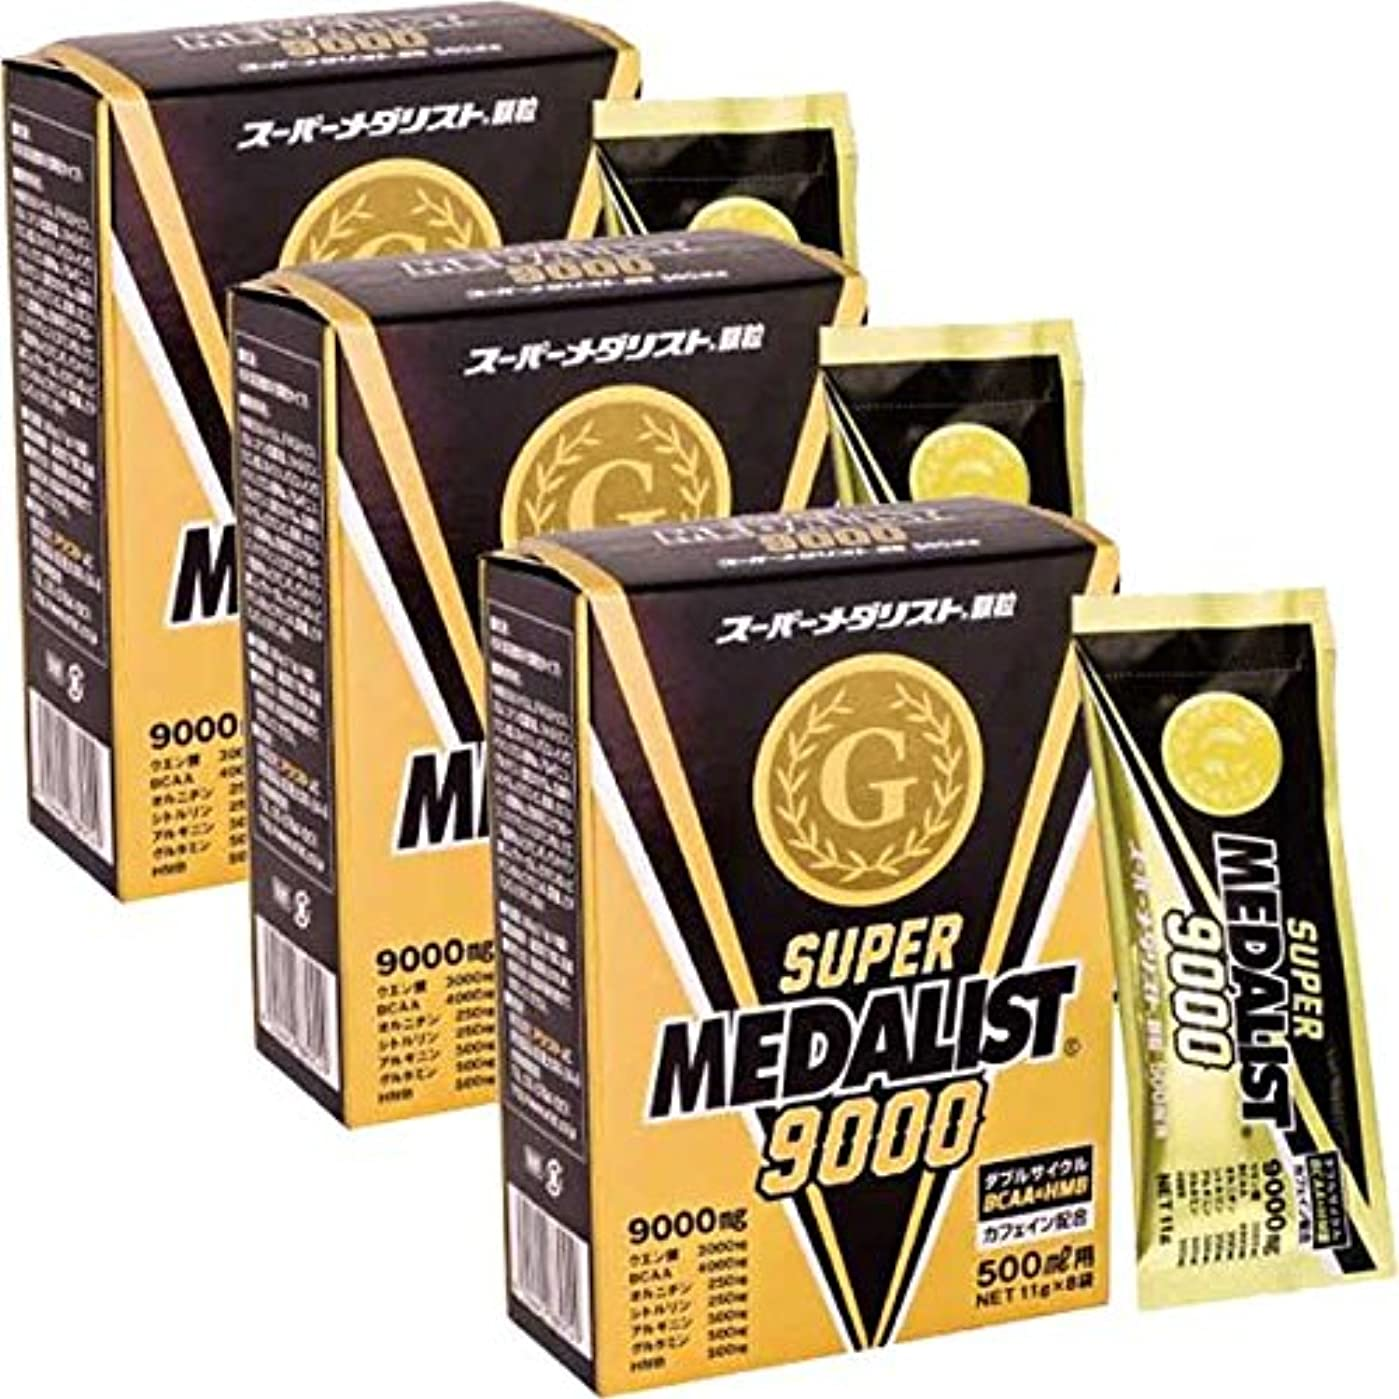 セラー一節もちろんMEDALIST スーパーメダリスト9000 顆粒 500mL用 11g×8袋入 3個セット